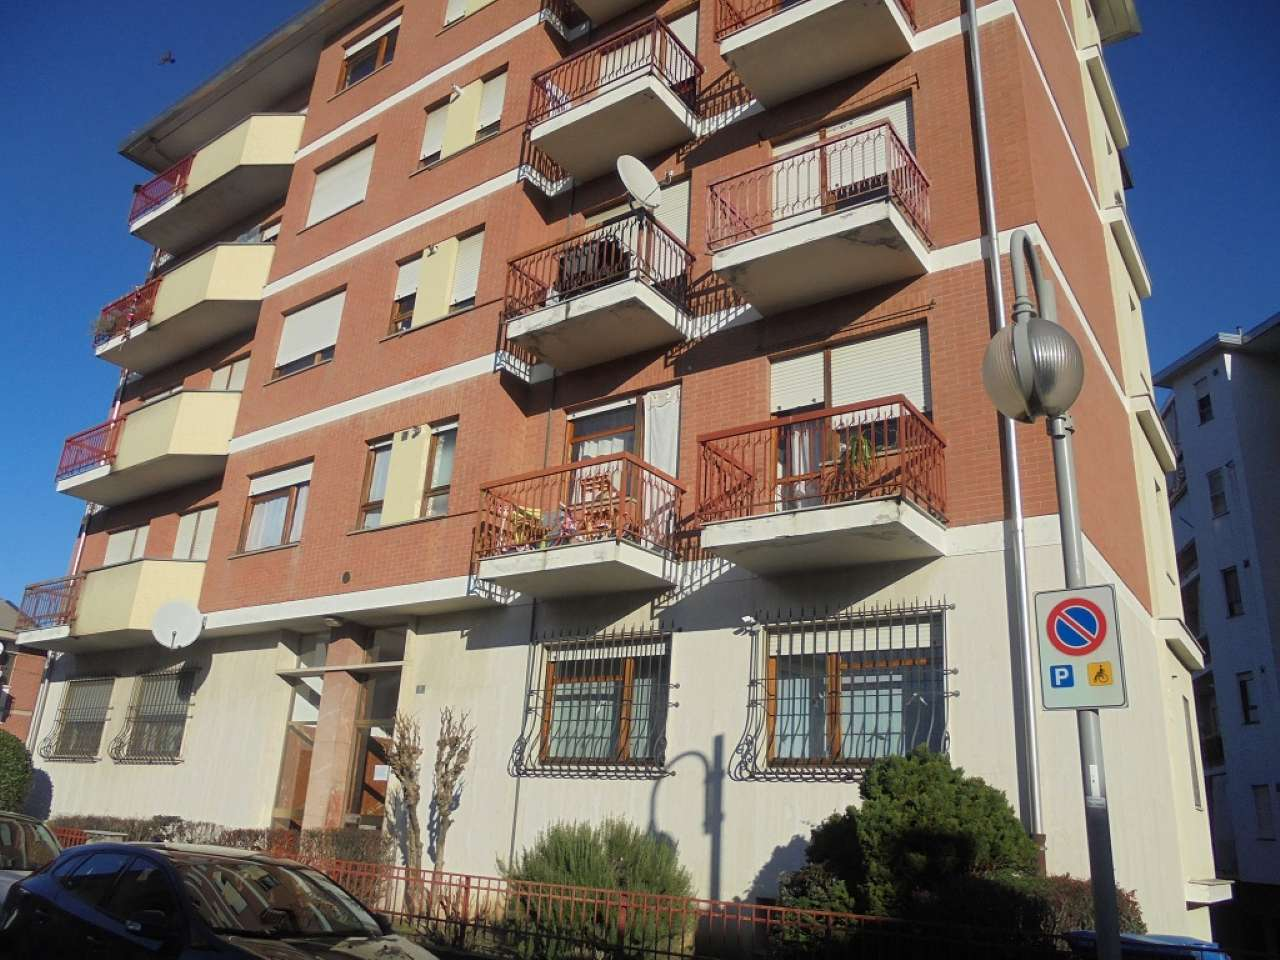 Appartamento in vendita a Volpiano, 3 locali, prezzo € 79.500 | CambioCasa.it